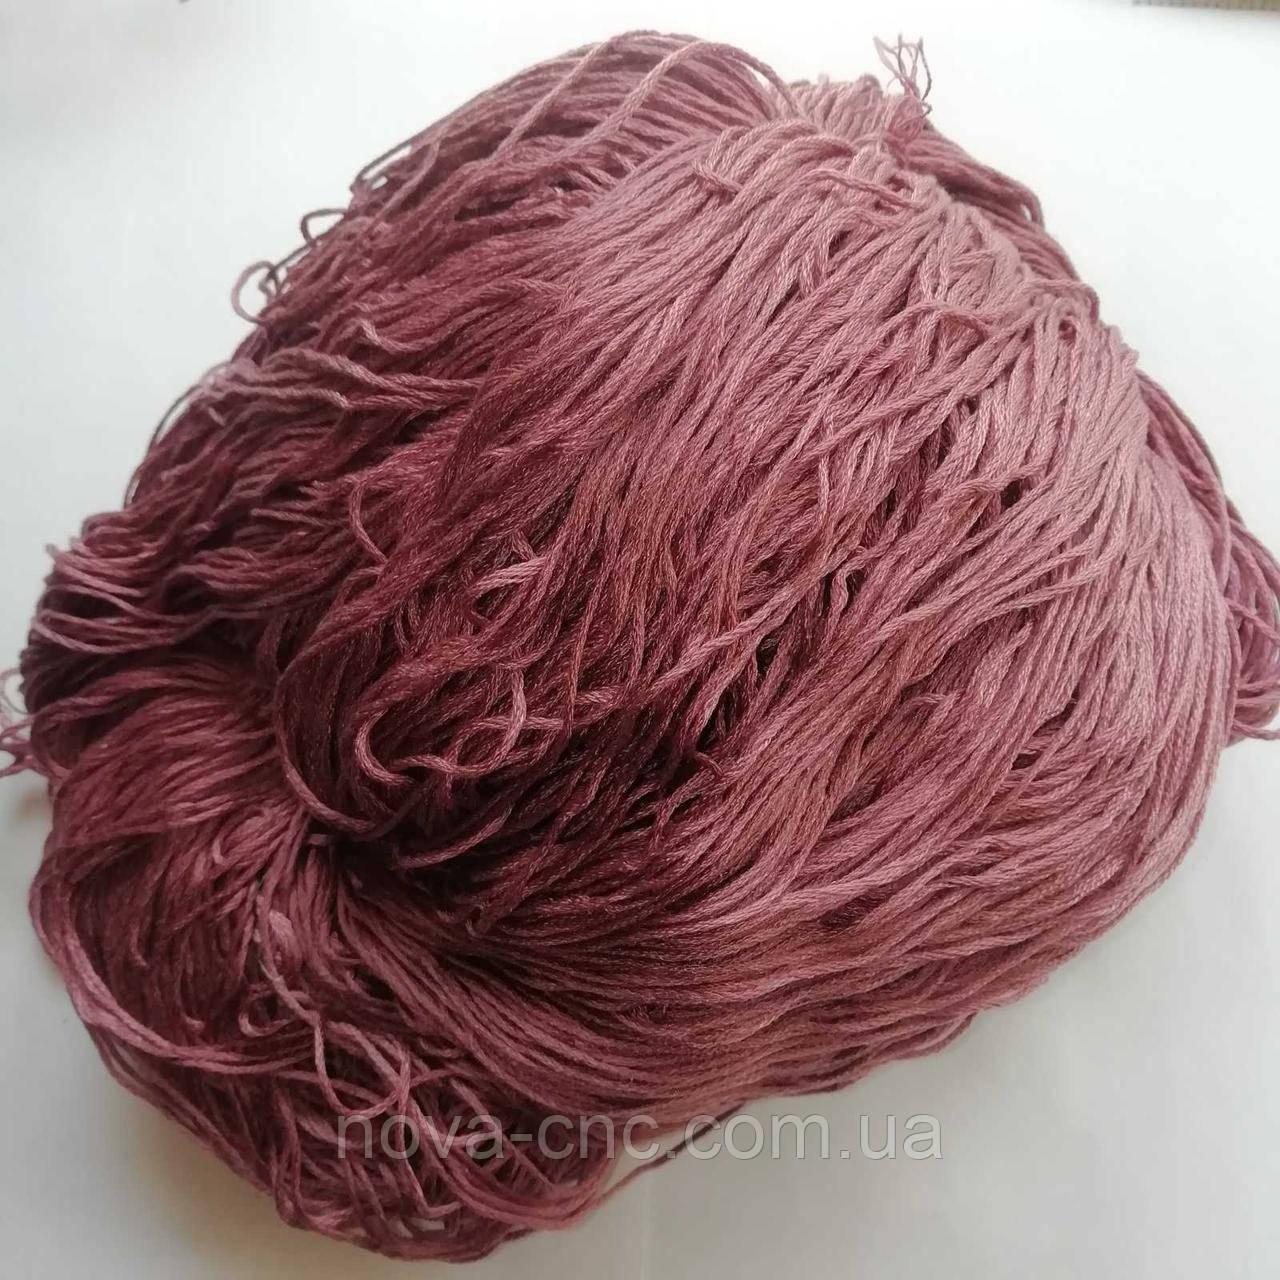 Нитки  Мулине Цвет бледно-лиловый упаковка 235г.